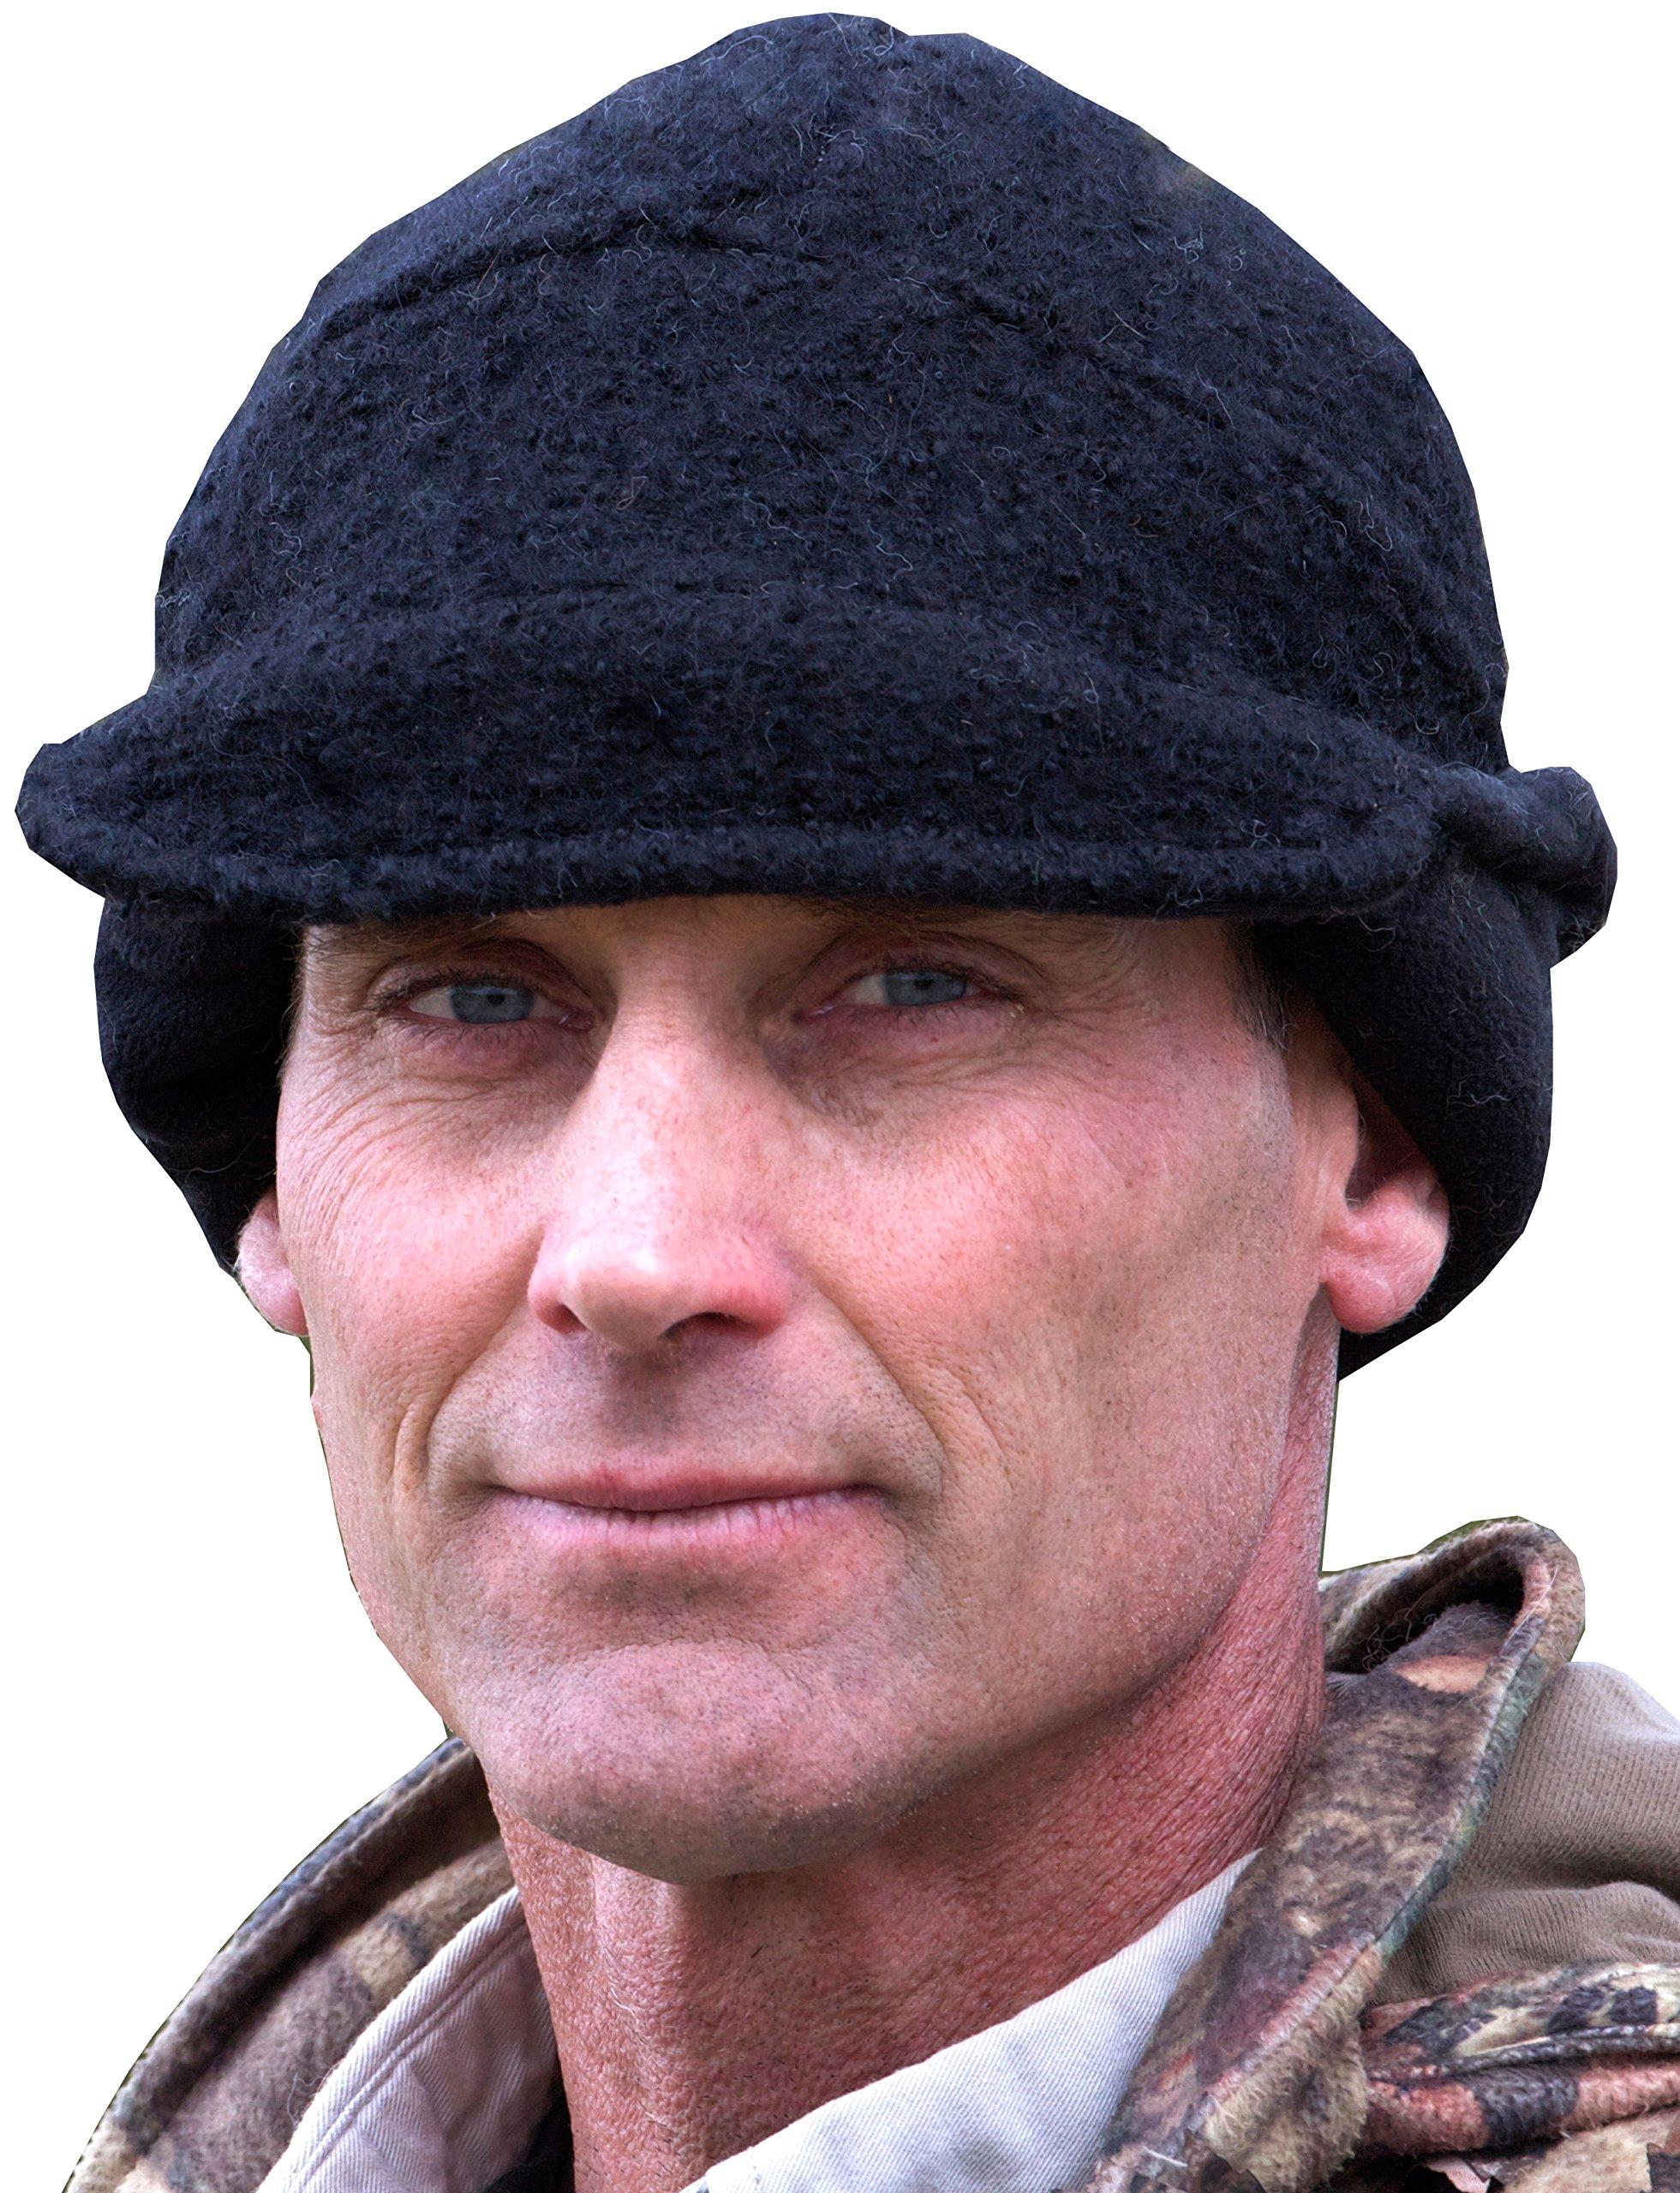 Extreme Warmth WindStopper Hat - Adjustable (Black, Medium)